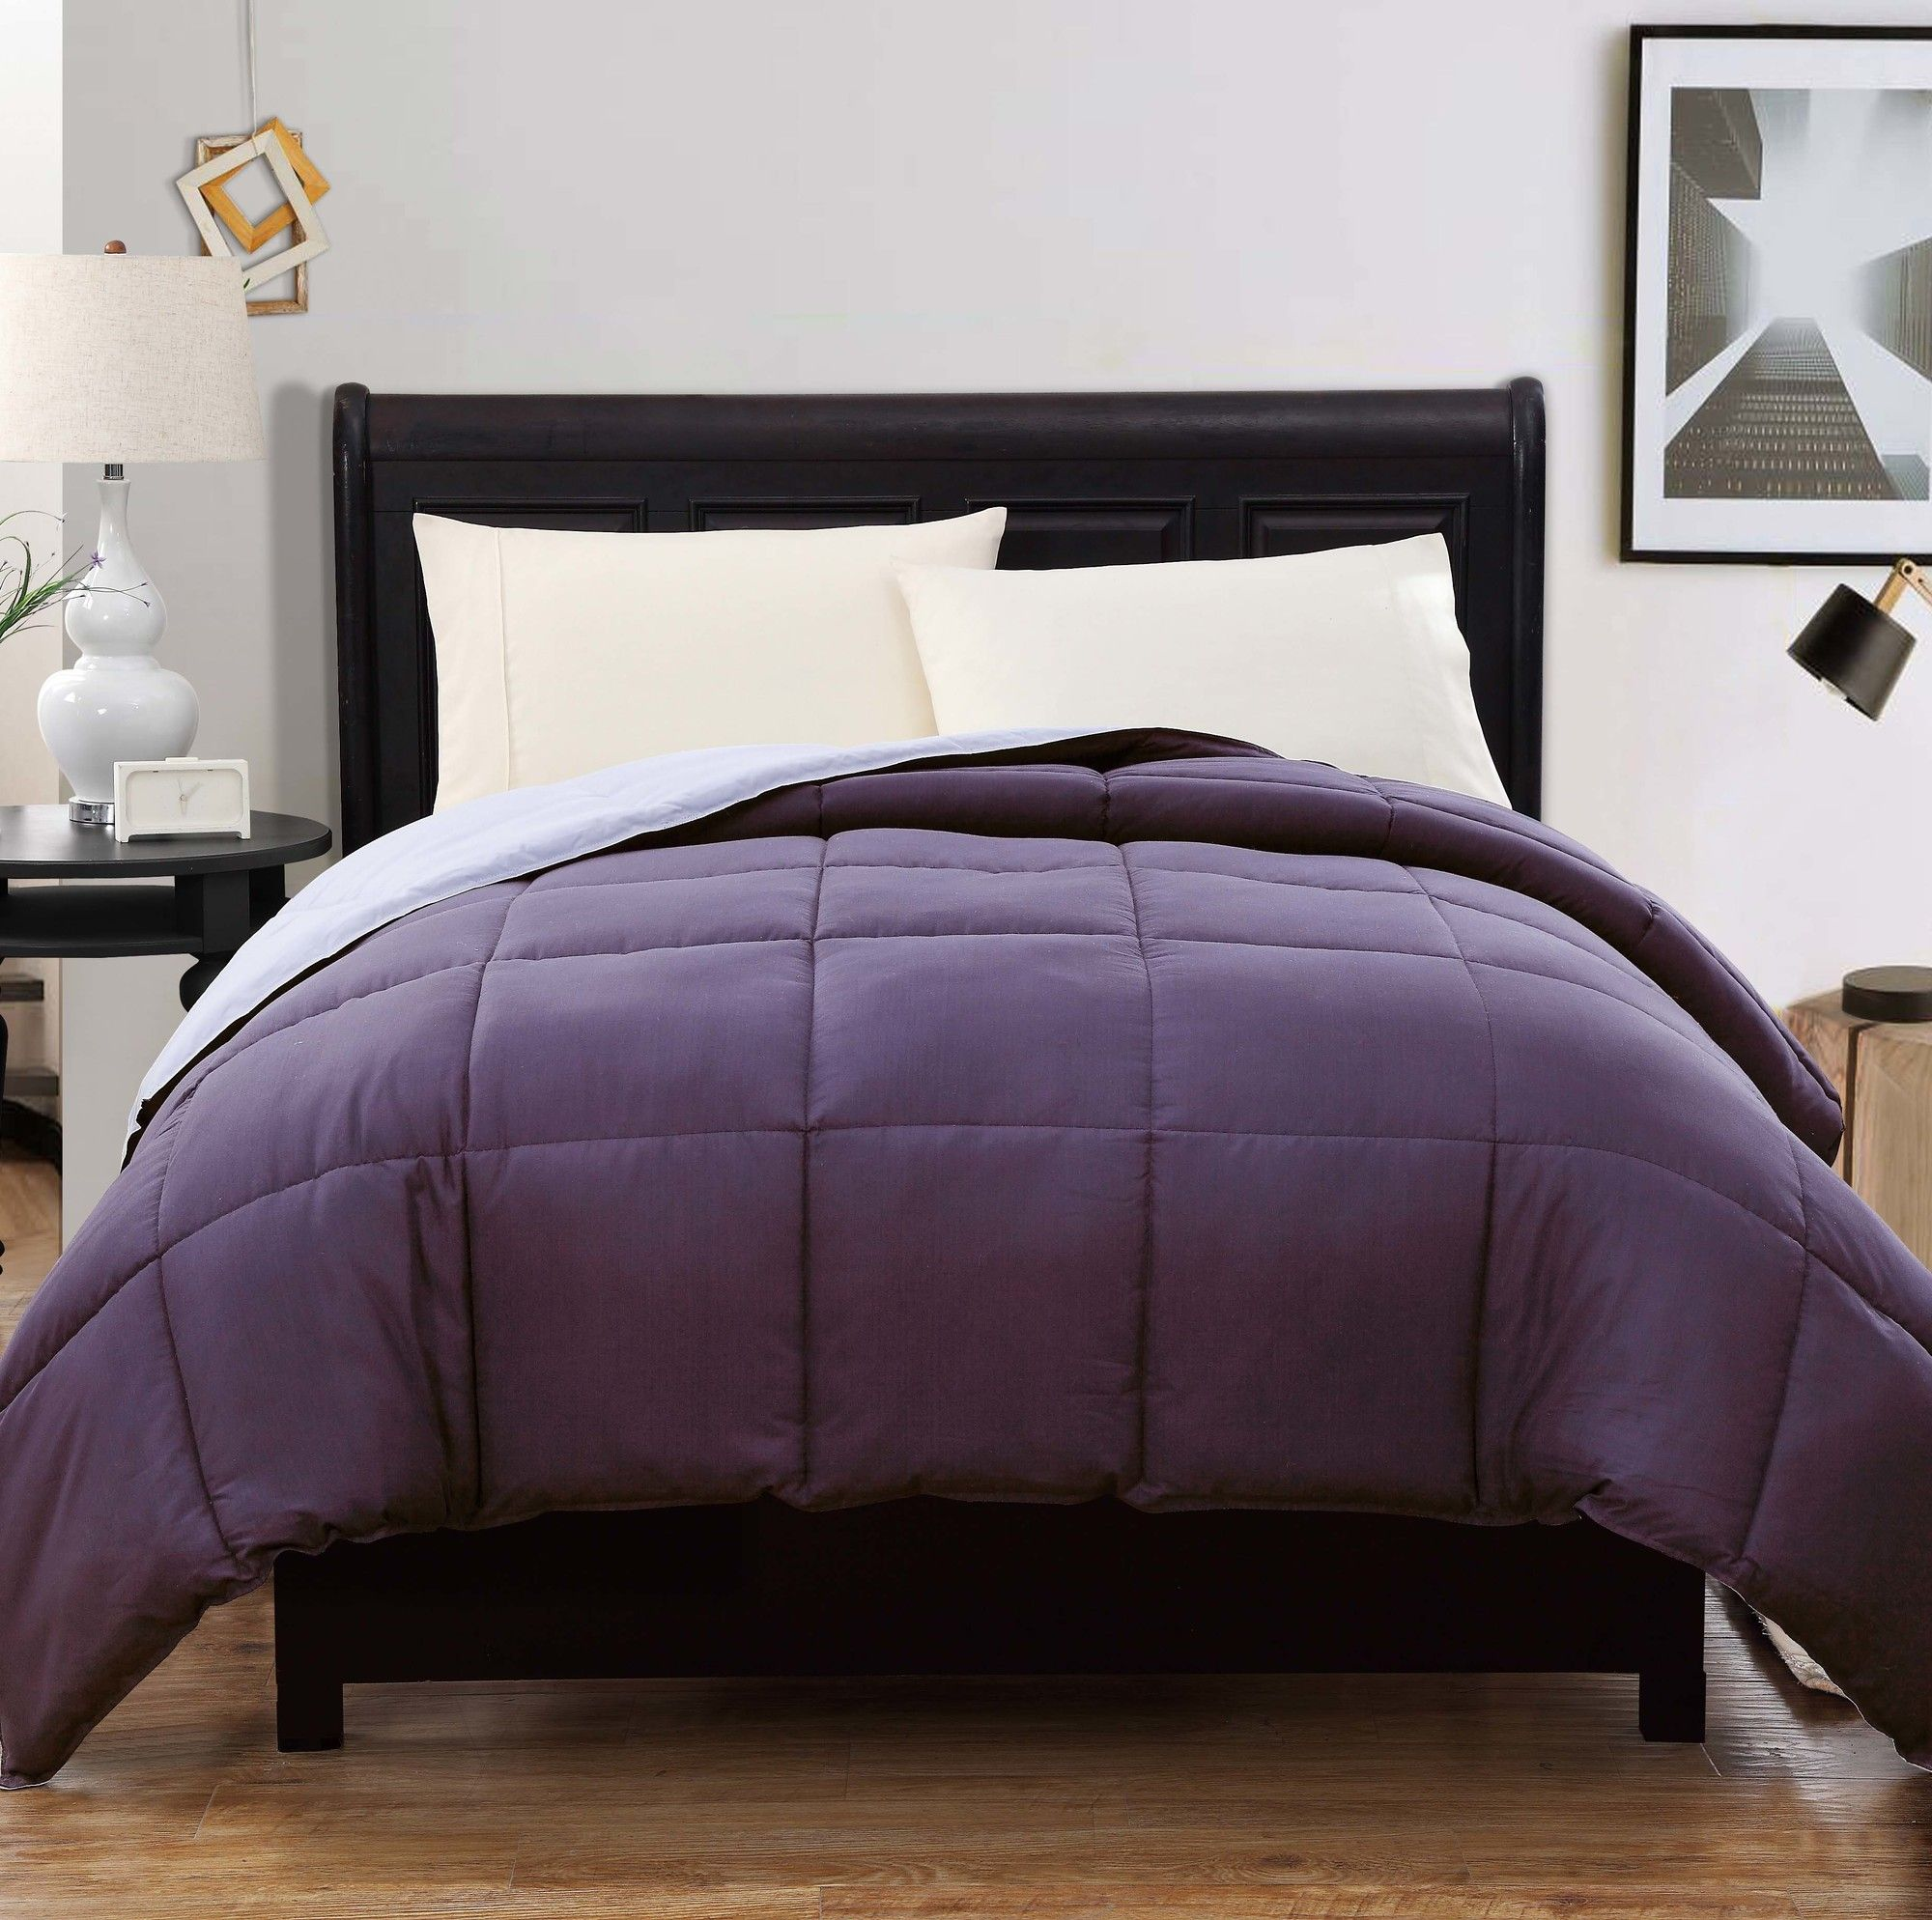 Caribbean Joe Comforter Comforters, Comforter sets, King